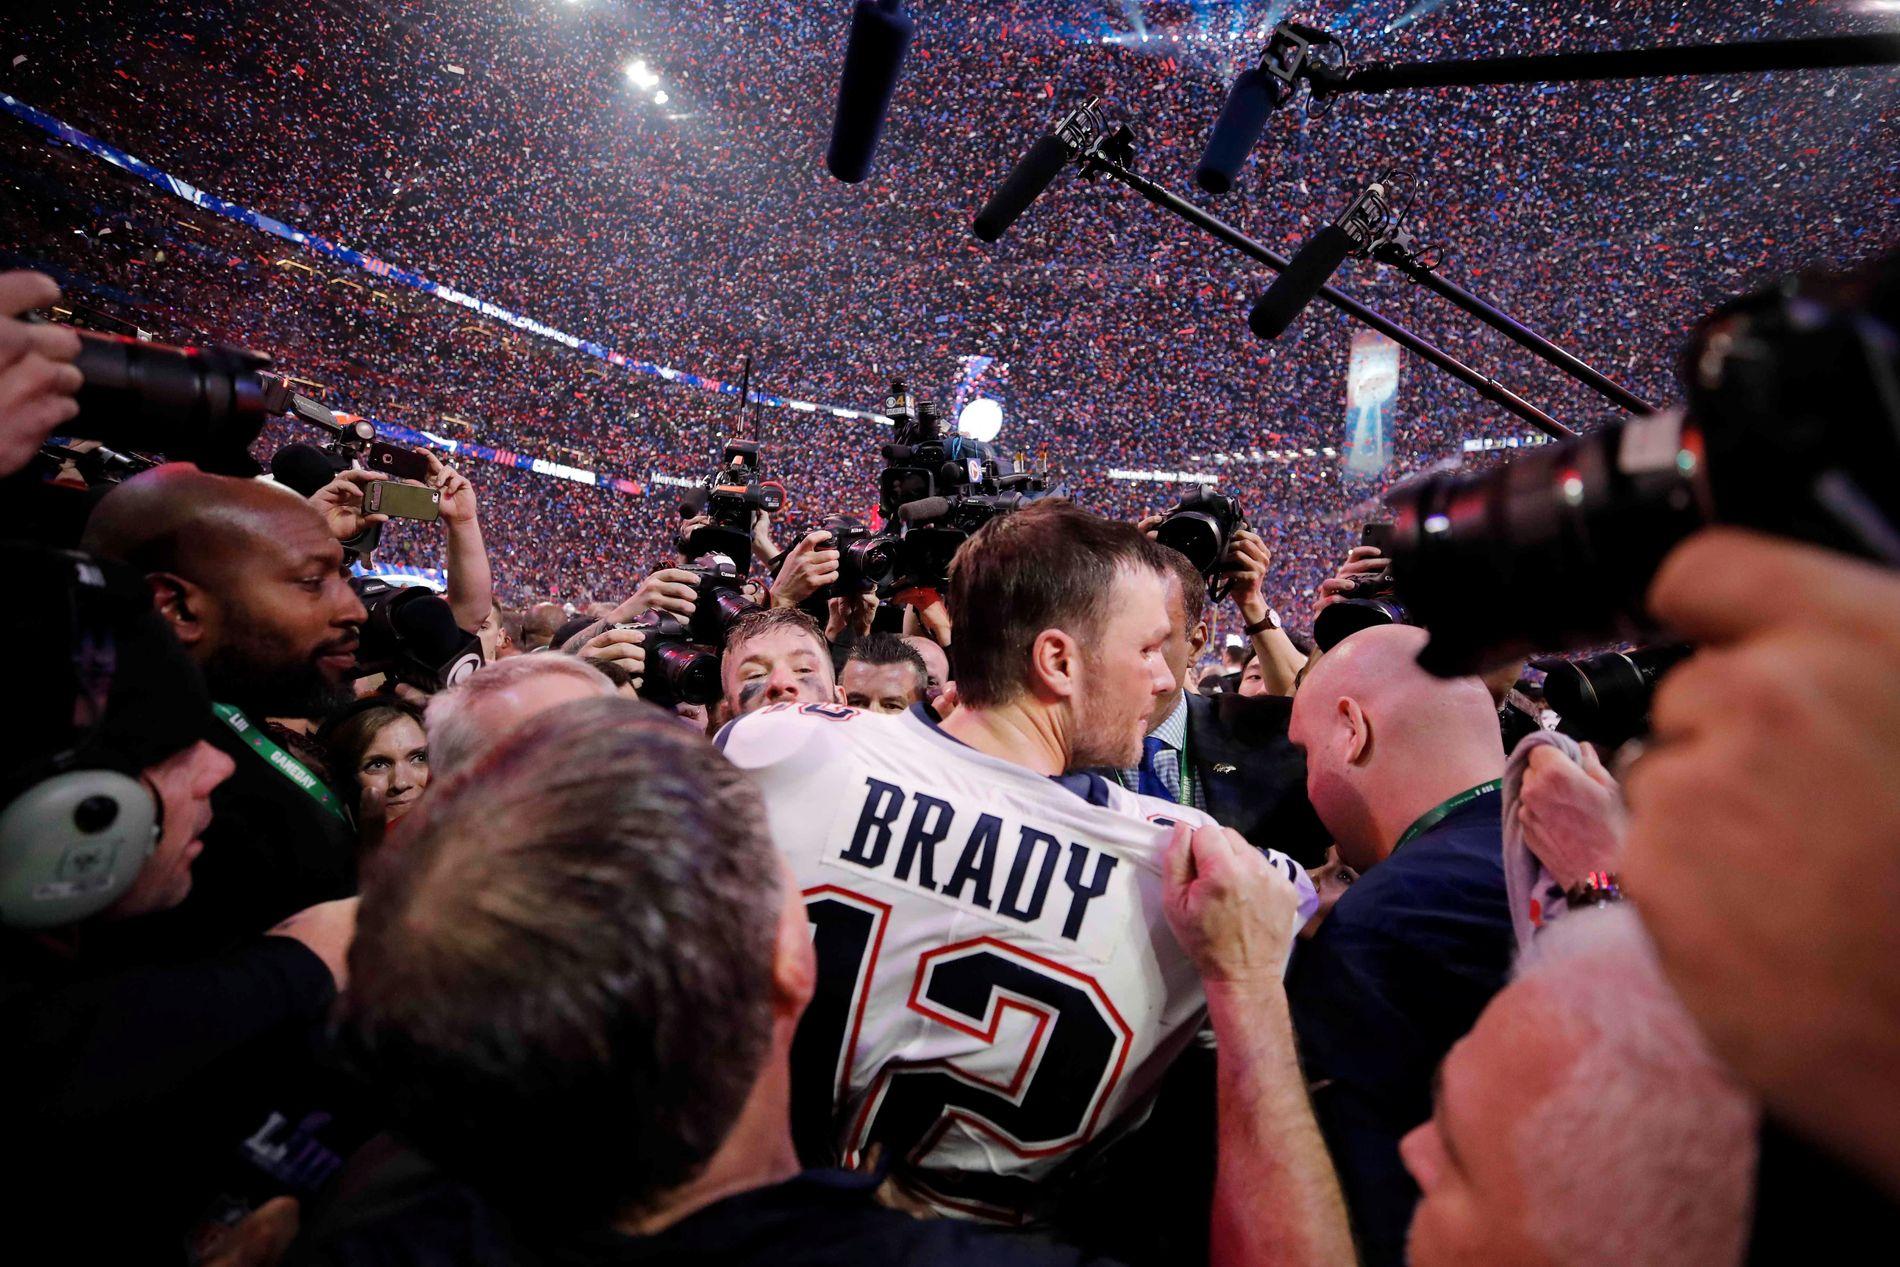 VERDAS BESTE: – Tom Brady er 41 år gammal og er treigare i beina enn dei fleste andre i ligaen. Han er derimot raskast i hovudet, og i februar vann han sin sjette Super Bowl.